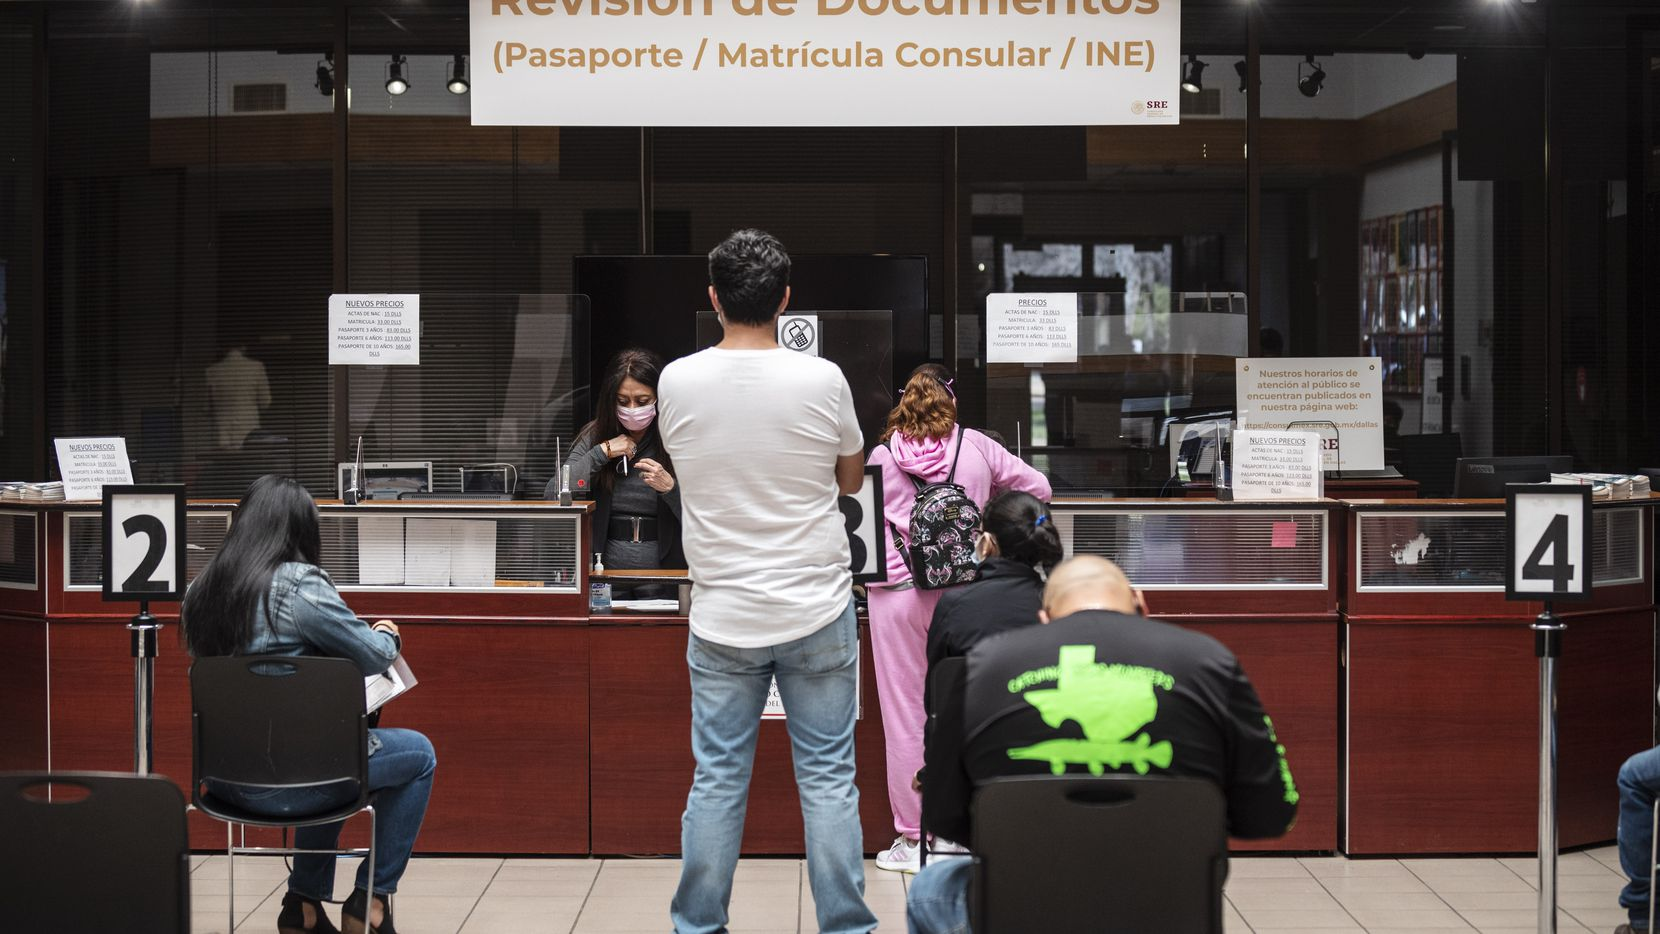 Muchos ciudadanos mexicanos que quieren hacer cita en el consulado deben comprar sus citas pese a que son gratuitas.